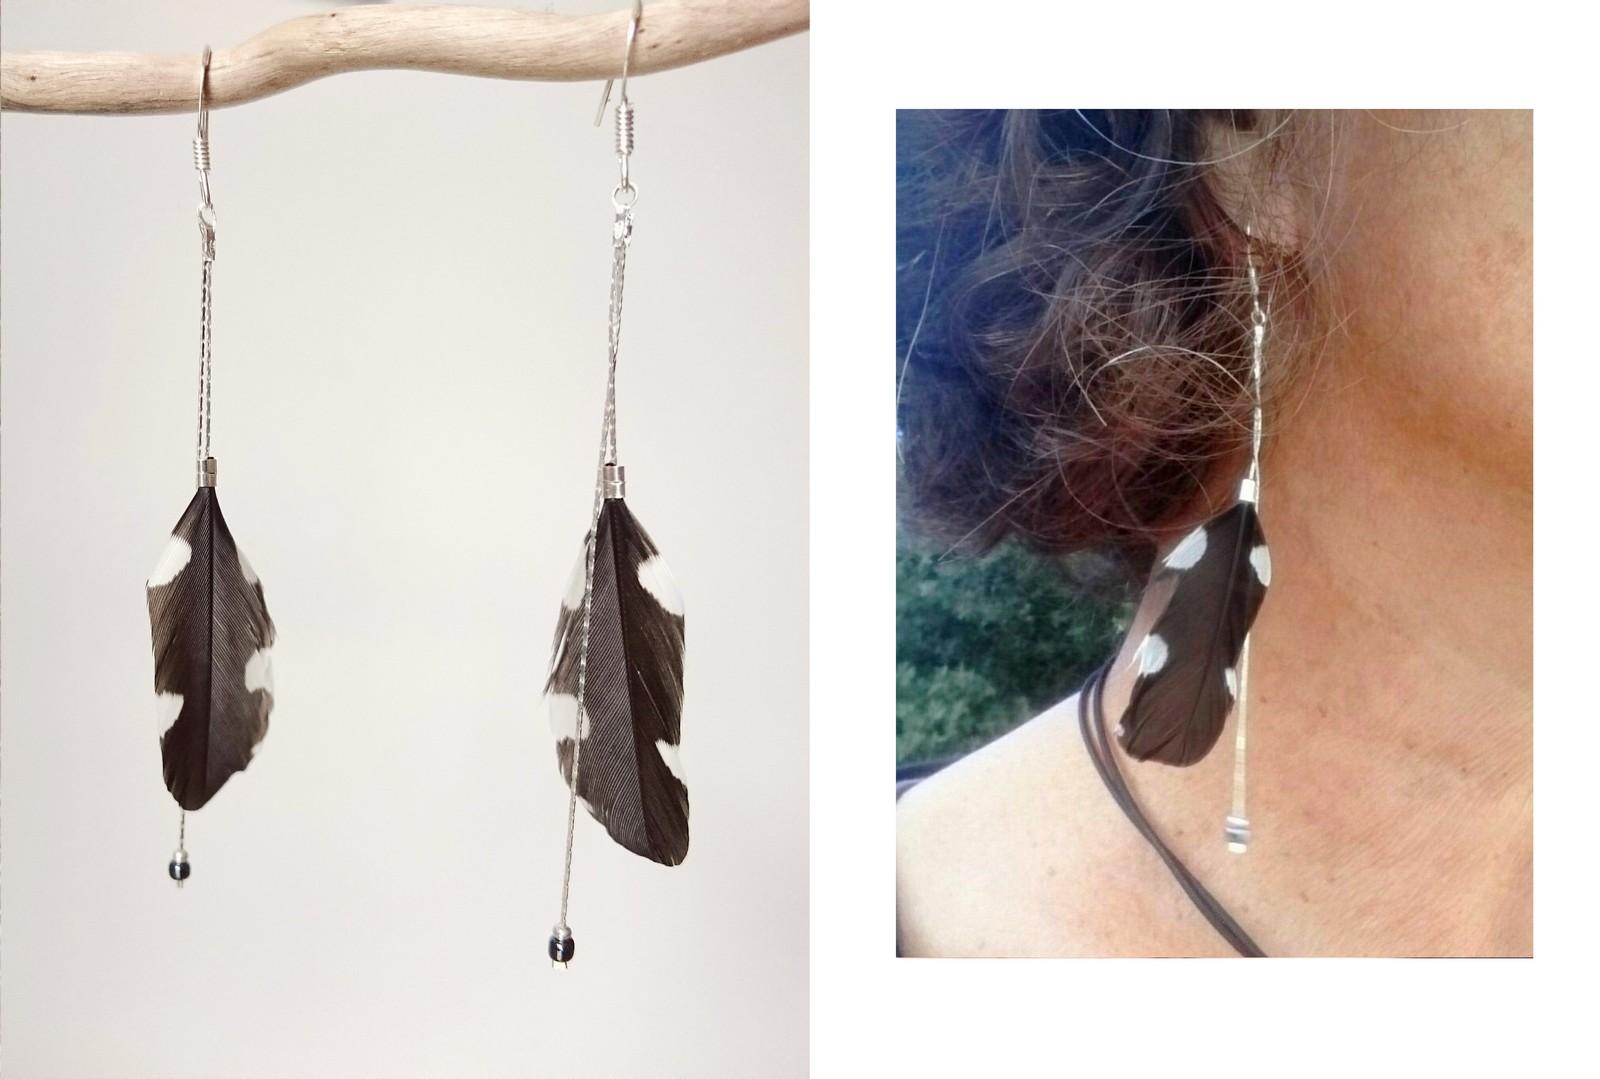 boucles d'oreiles à plumes noires et blanches et chaînes argentées, photo portée